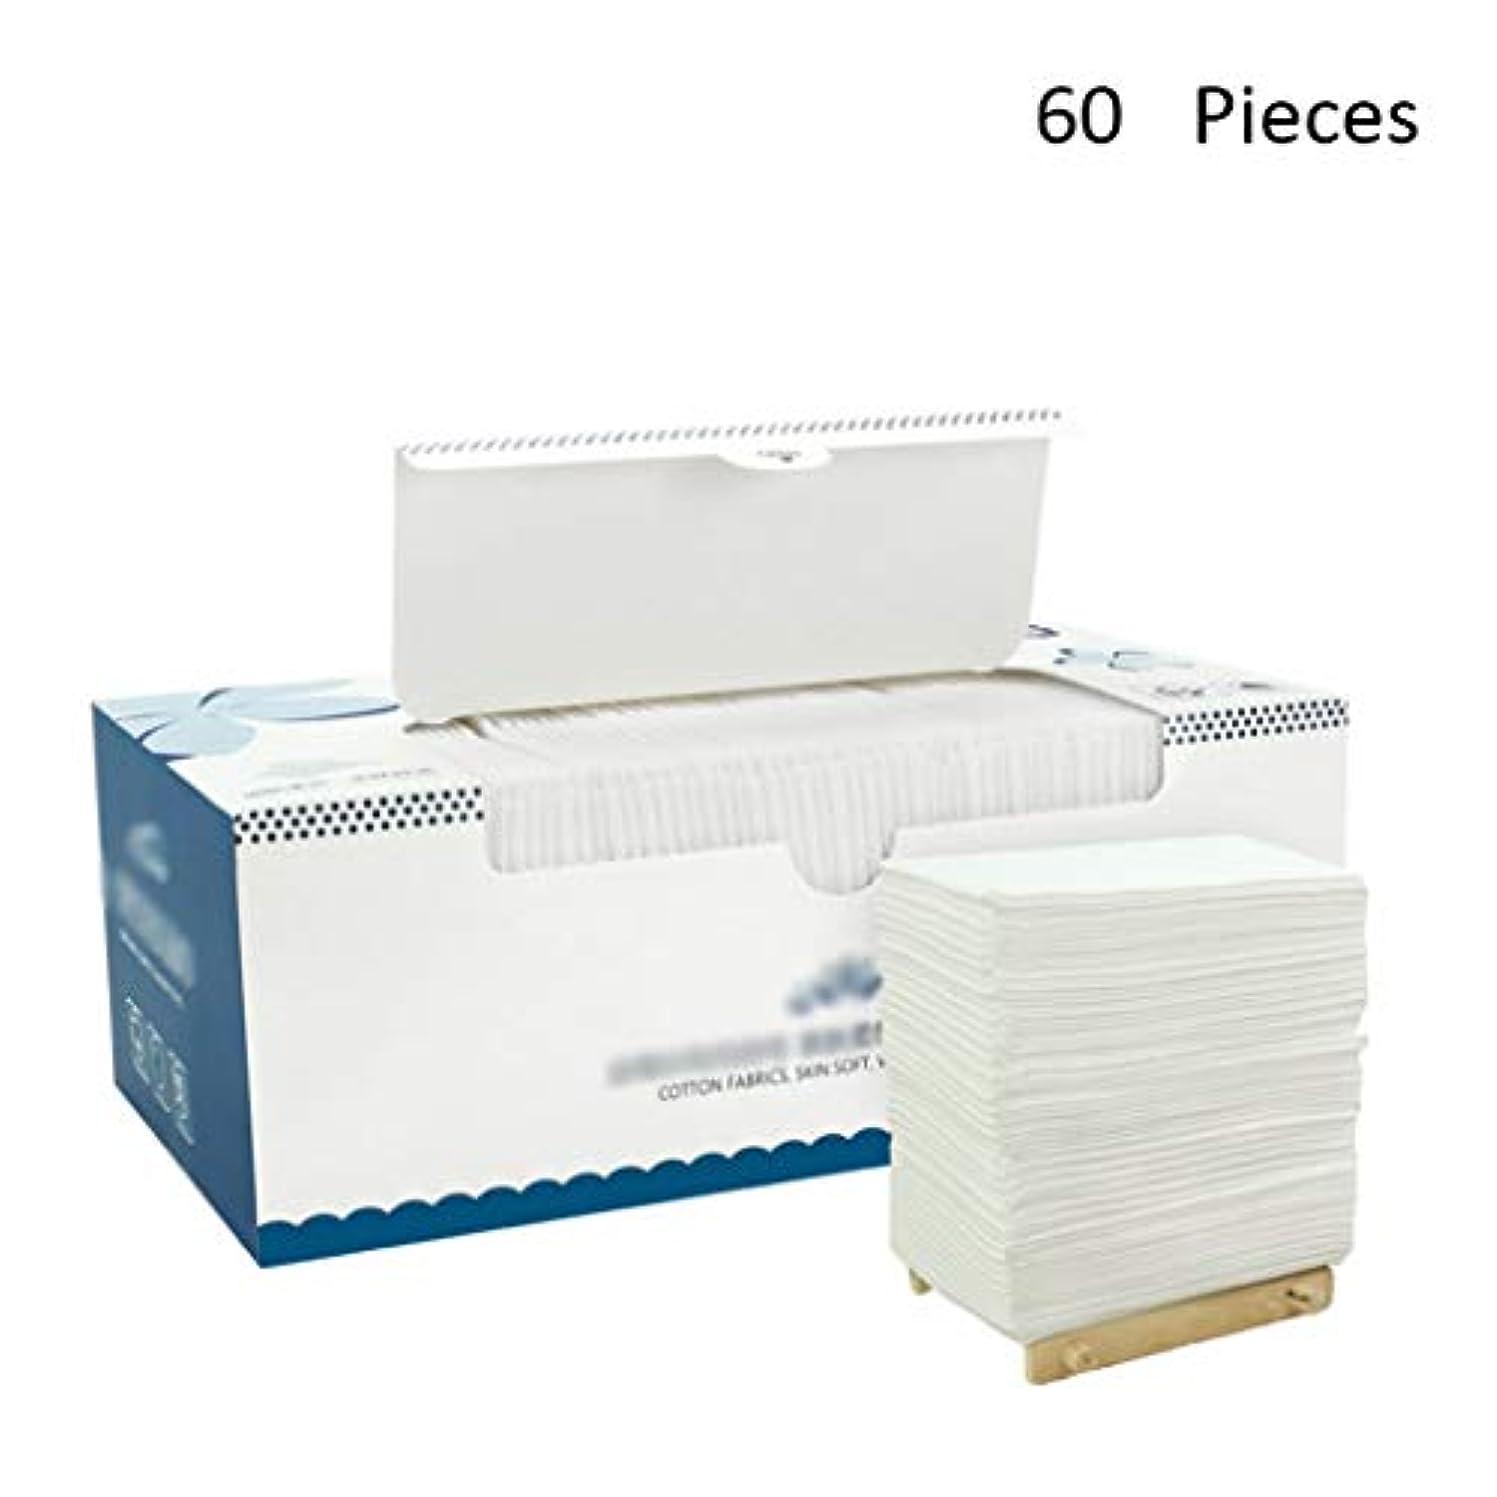 カビ気質免疫フェイスメイクアップリムーバー使い捨てフェイスタオルトラベルクレンジングワイプ化粧コットンパッド美容スキンケアフェイシャル手ぬぐい (Color : White, サイズ : 60 Pieces)